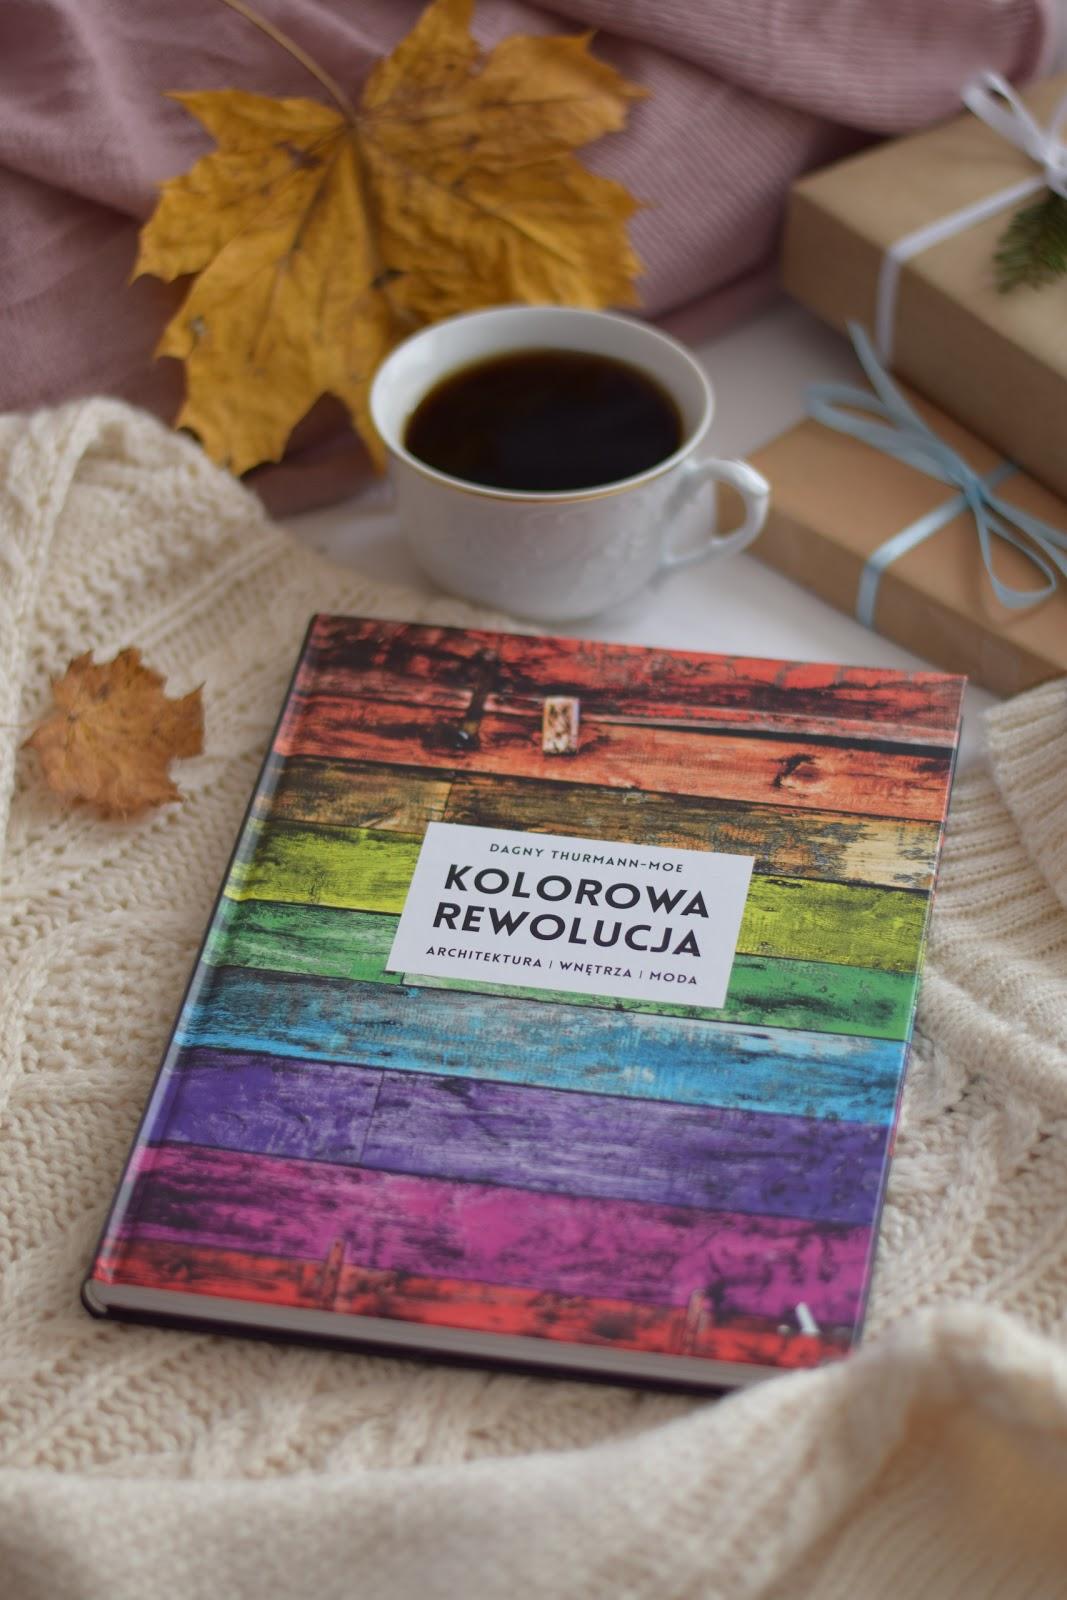 Dagny Thurmann-Moe, Kolorowa rewolucja. Architektura. Wnętrza. Moda